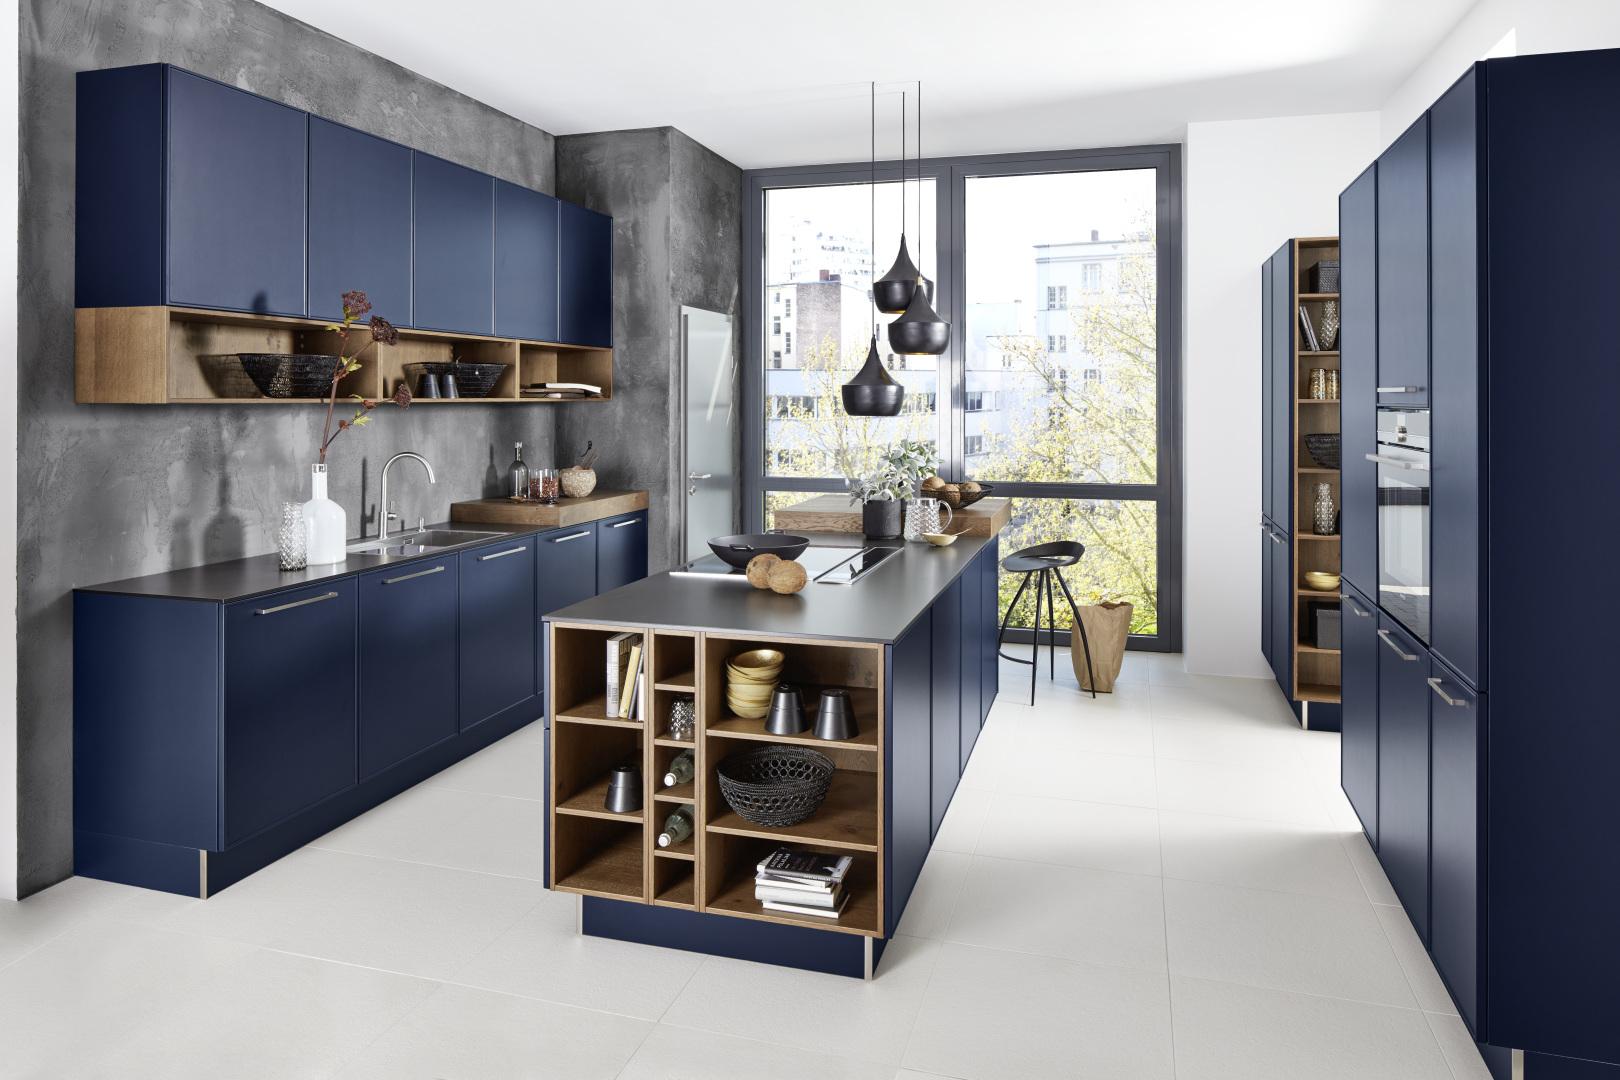 marquardt küchen - verkauf, einbau von küchen, köln - deutschland ... - Küchen Marquardt Köln